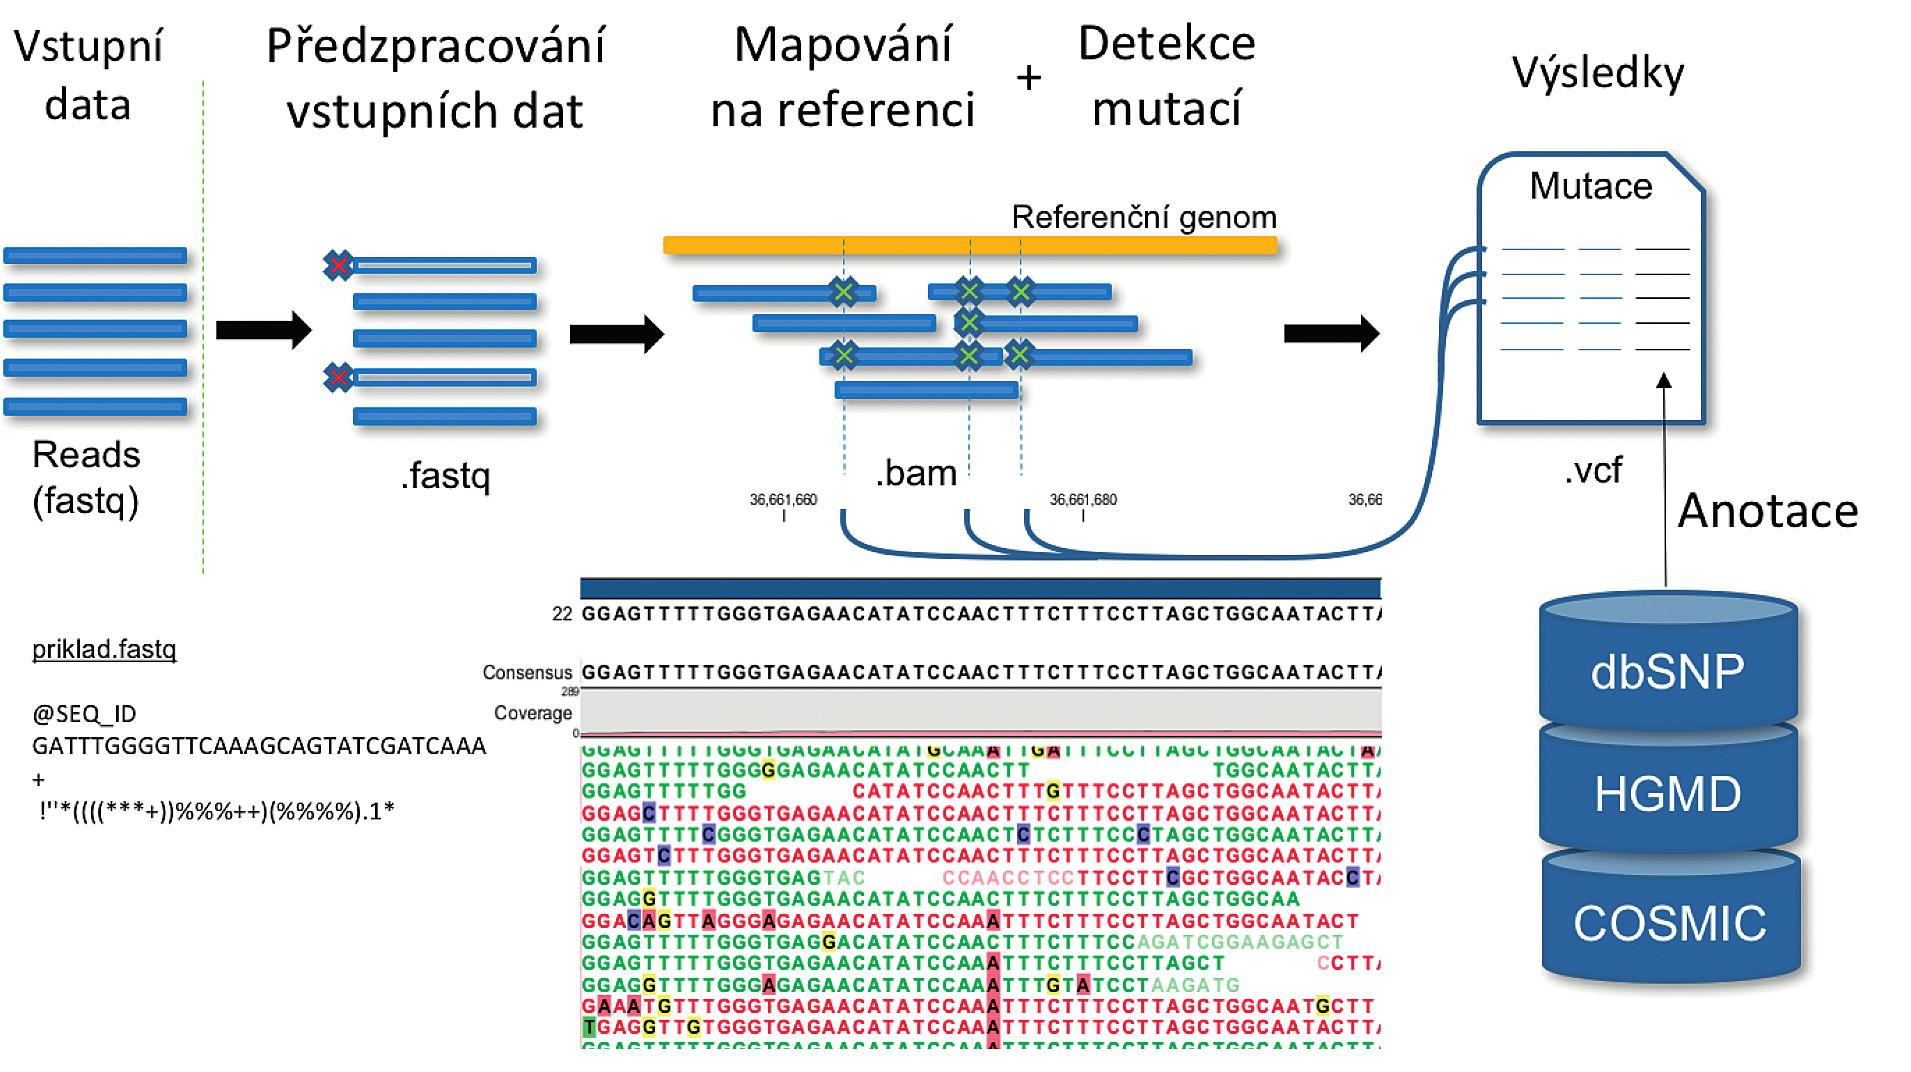 Schéma obecné pipeline pro účely detekce variant v DNA Vstupní data představují sekvenační čtení. Každé sekvenační čtení má přidělen jedinečný identifikátor (SEQ_ID), sekvenci a kvalitu pro každou bázi vyjádřenou ASCII kódem. Následně jsou sekvenační čtení filtrovány podle délky, případně jsou odstraněny jejich nekvalitní konce. Poté jsou sekvence mapovány na referenční genom a detekovány varianty. K variantám jsou v posledním kroku přiděleny informace z vybraných databází, které například umožní rozhodnout, zda a jak je varianta klinicky významná.